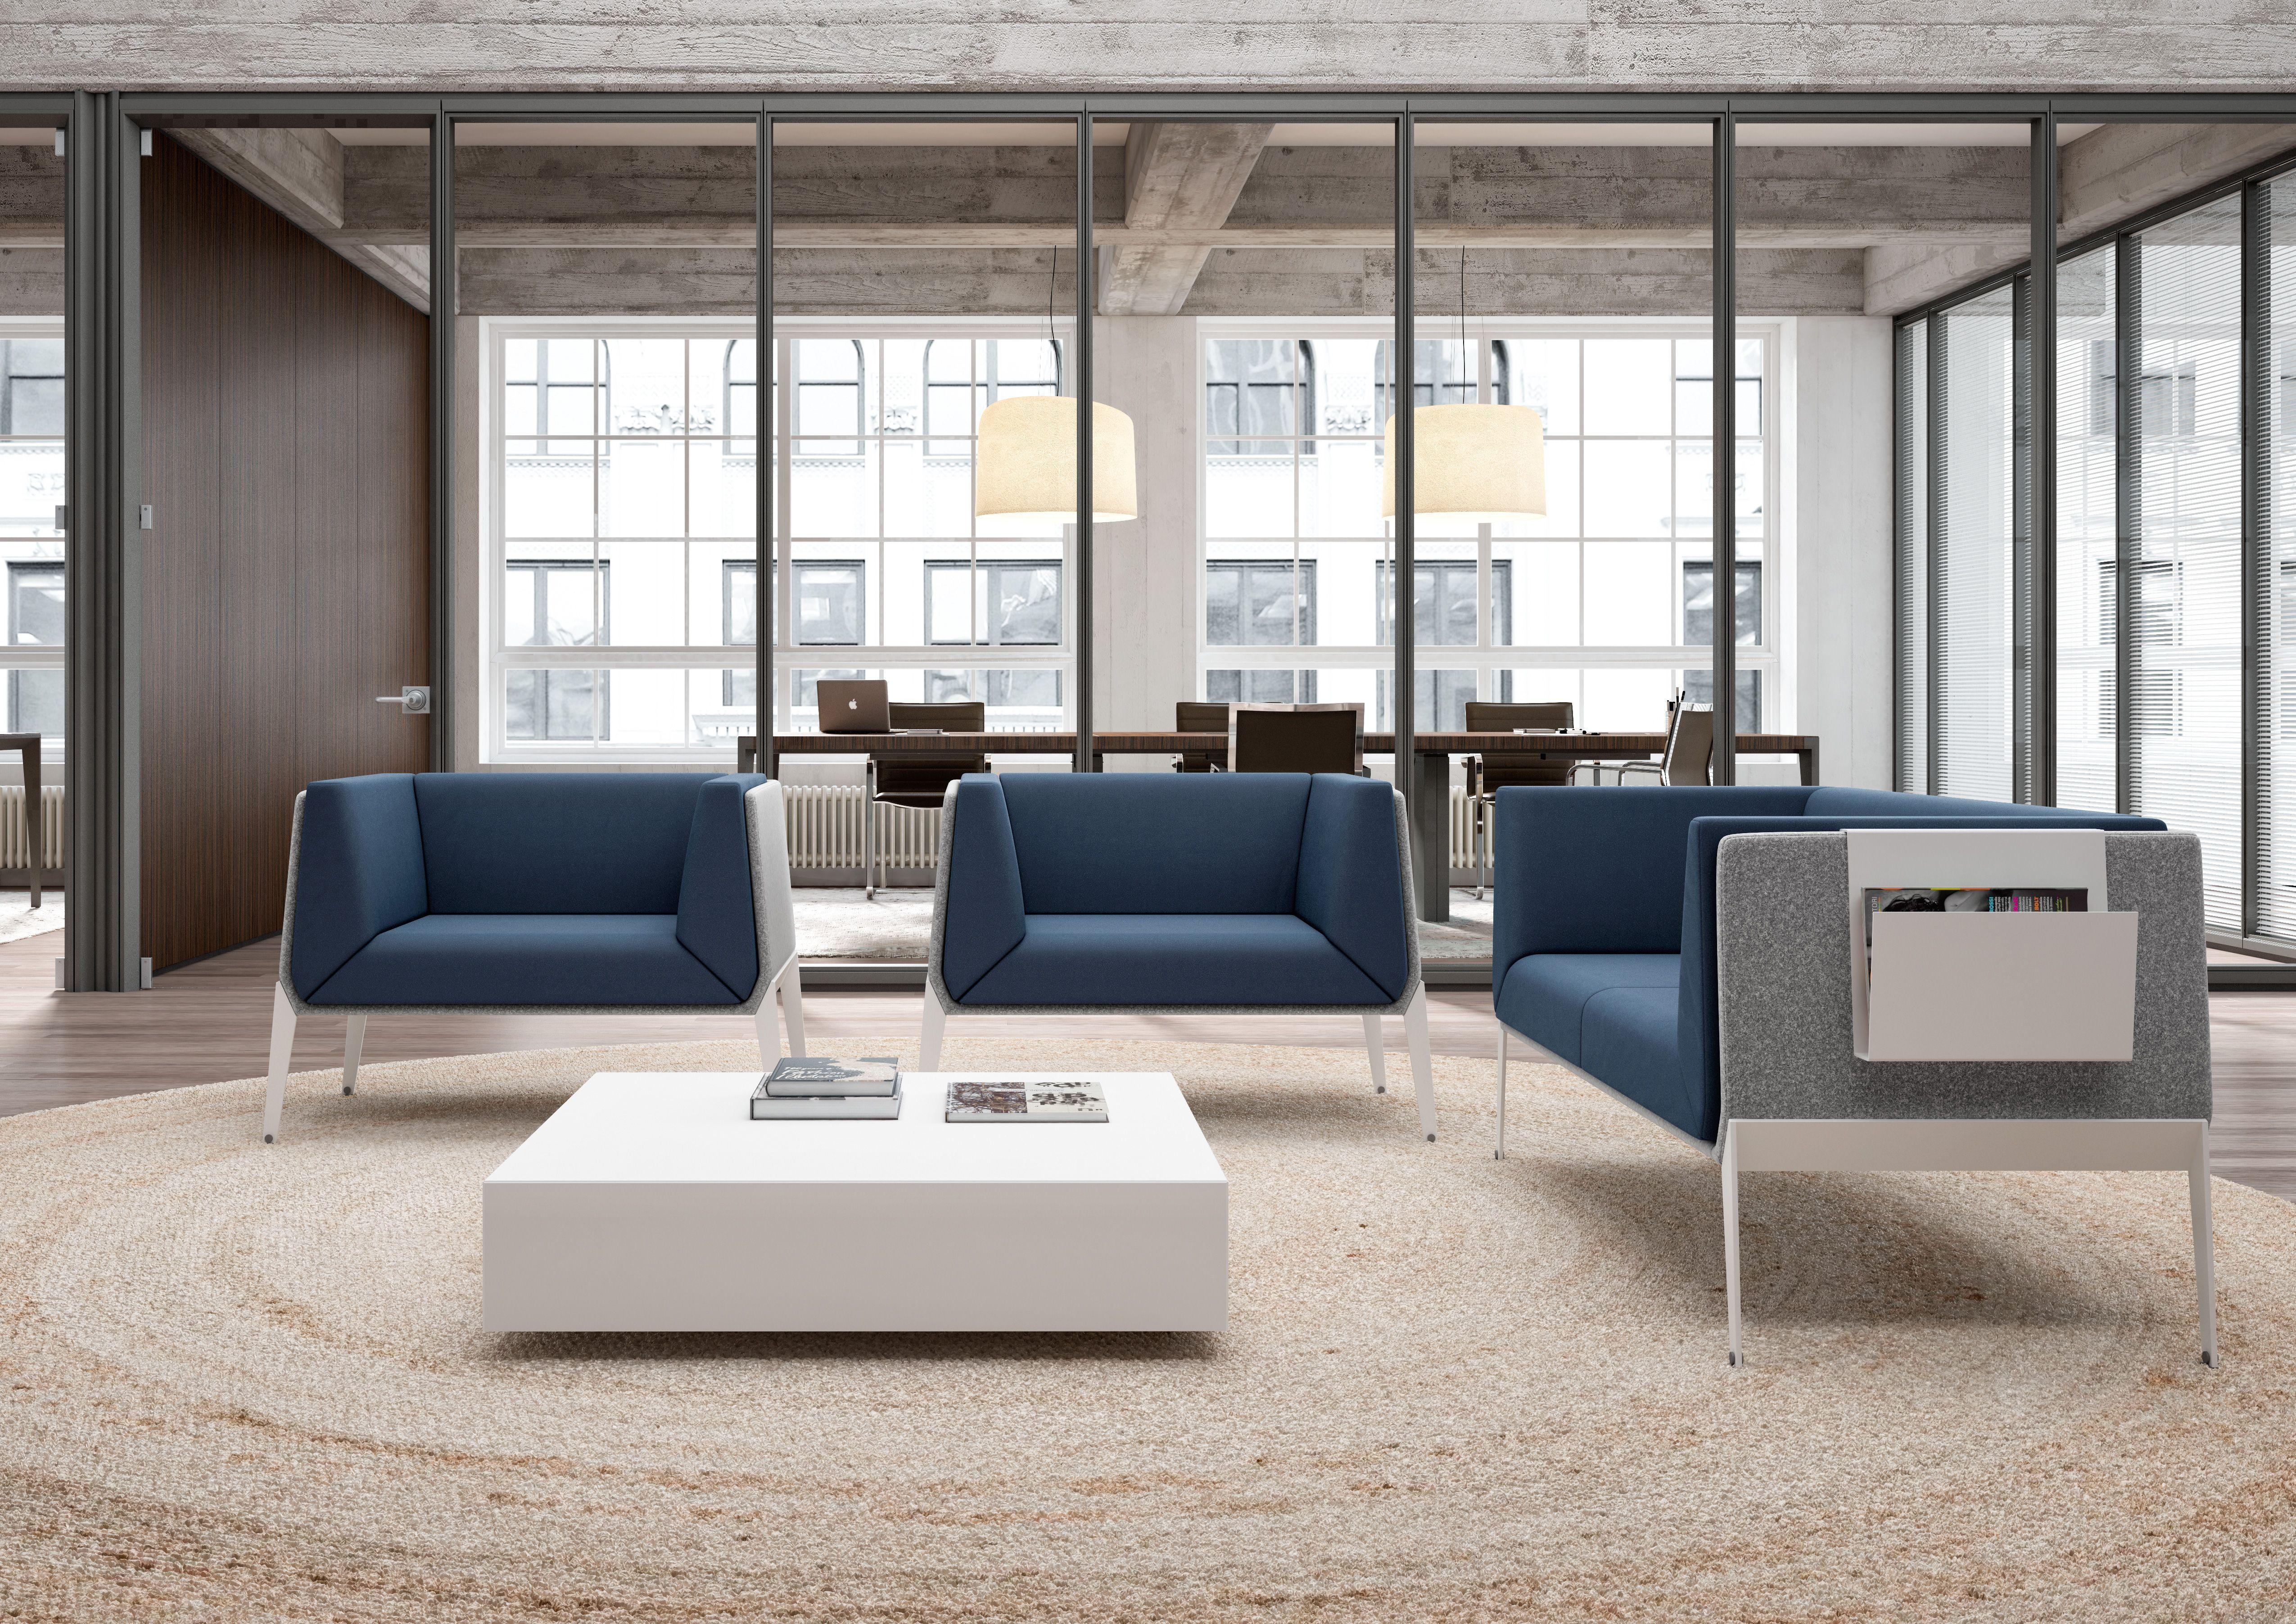 Arredi Per Ufficio Quadrifoglio : Accord is the perfect seating solution for lounge areas made